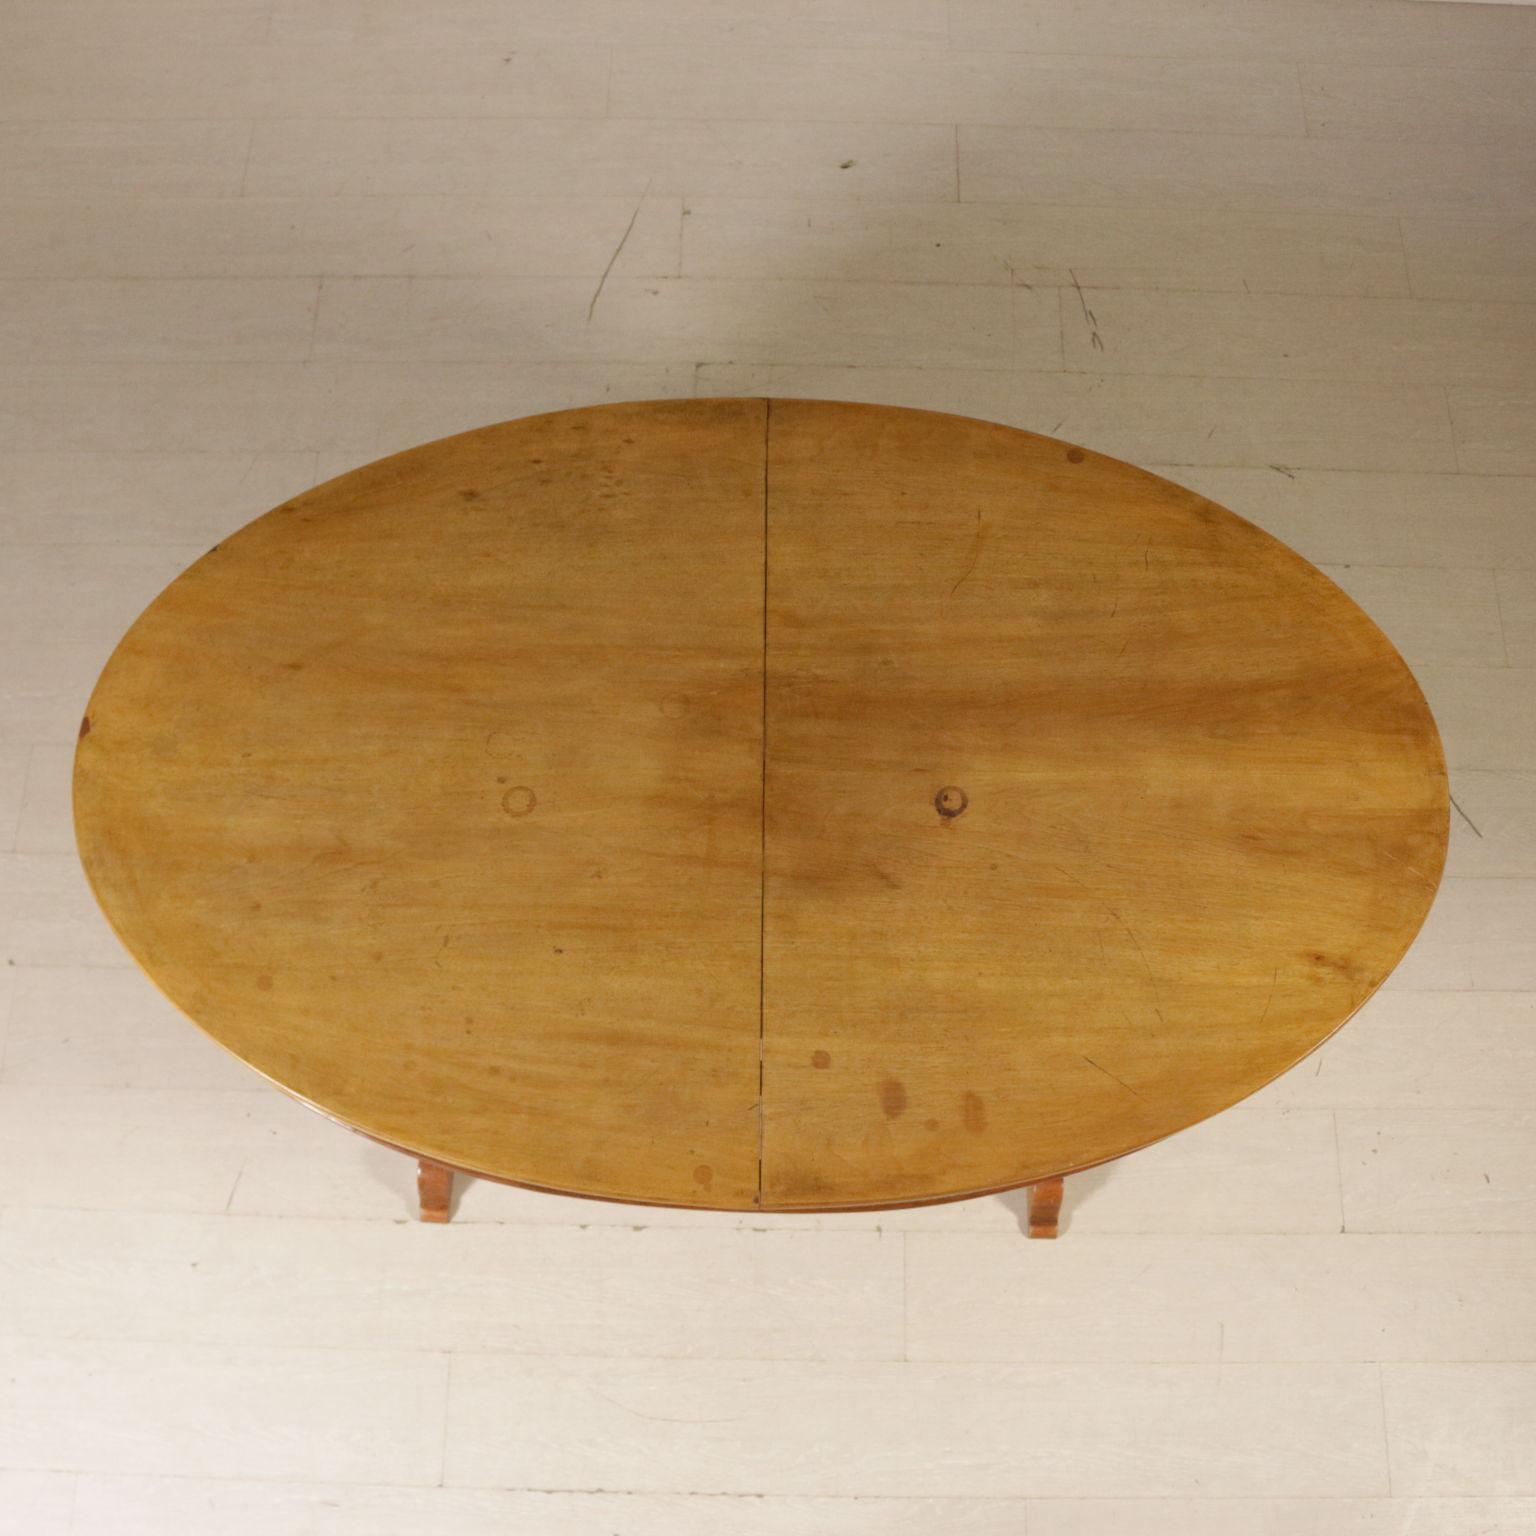 Table Ovale Allongeable '800 Italie Moitié Deuxième Noyer Tables tsCxBQhrd